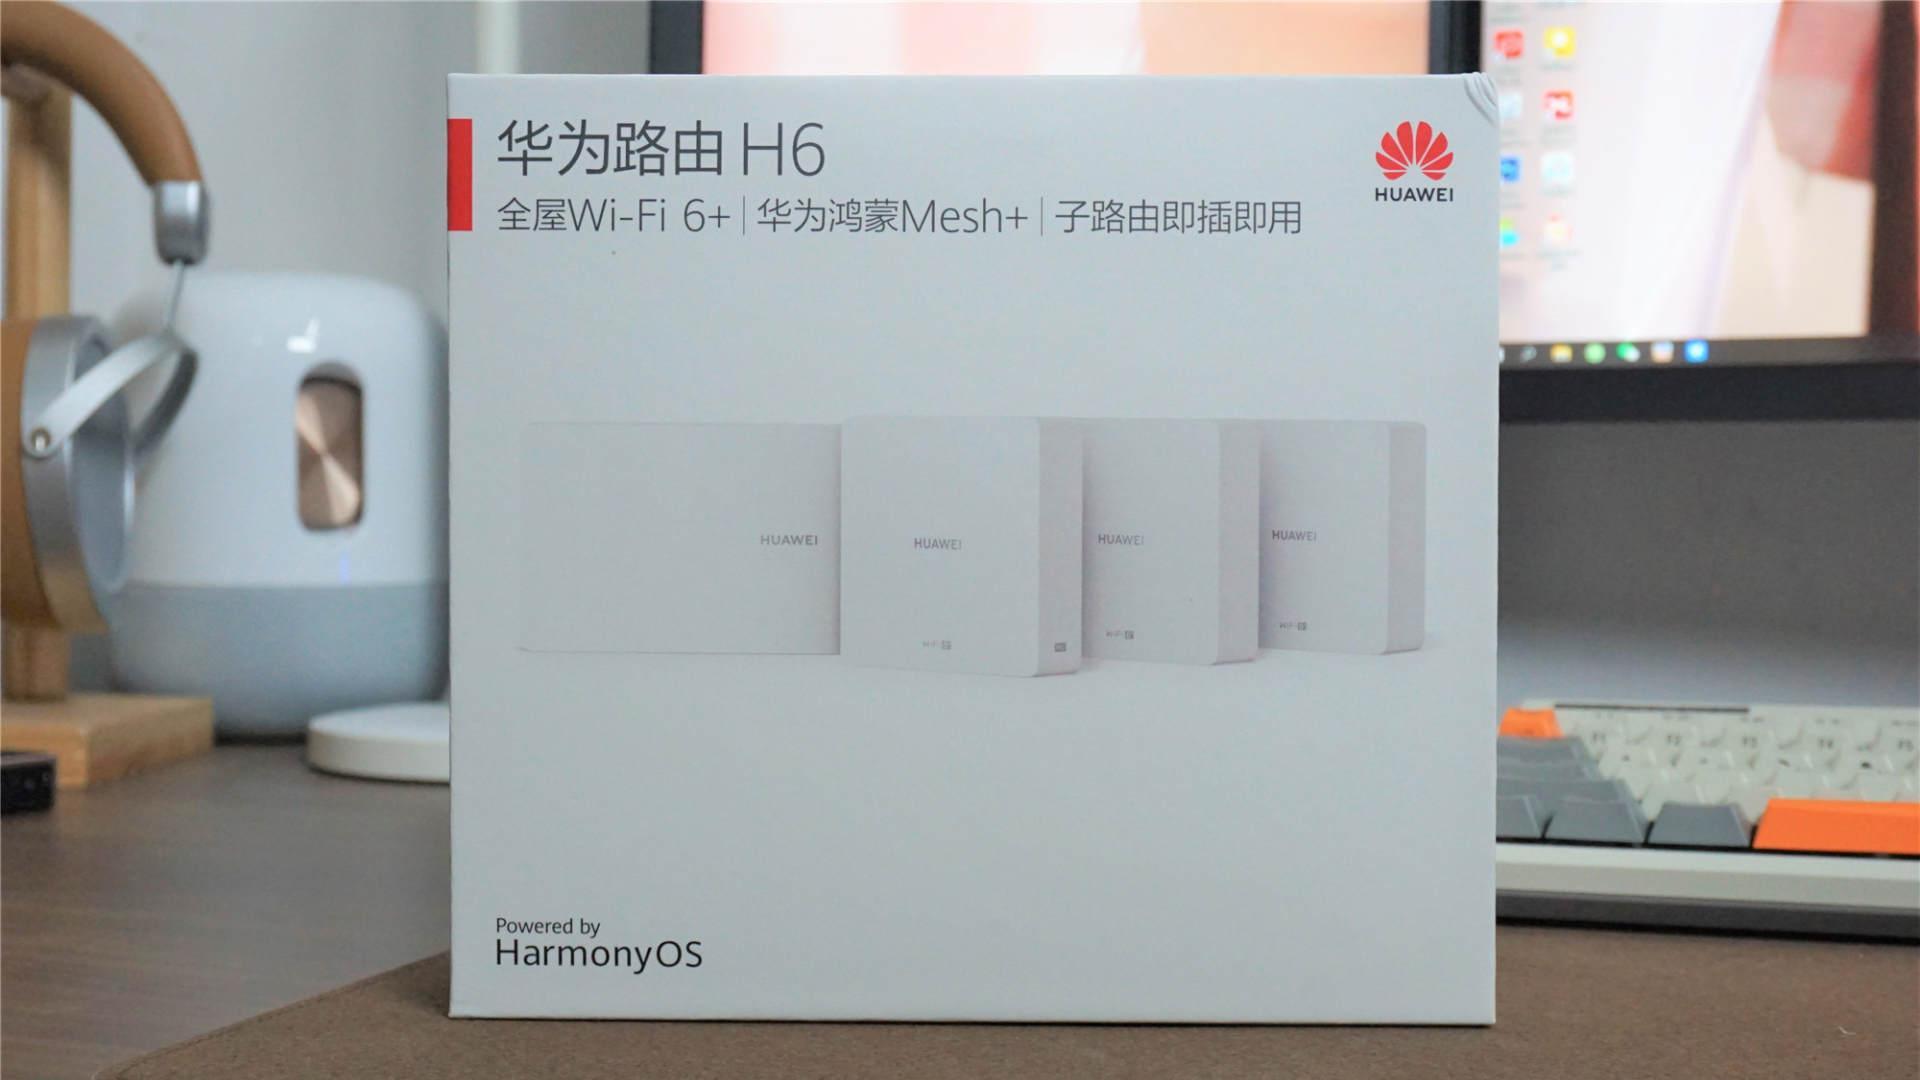 鸿蒙系统加持;1母3子套装;大户型组网全覆盖!华为路由器H6评测